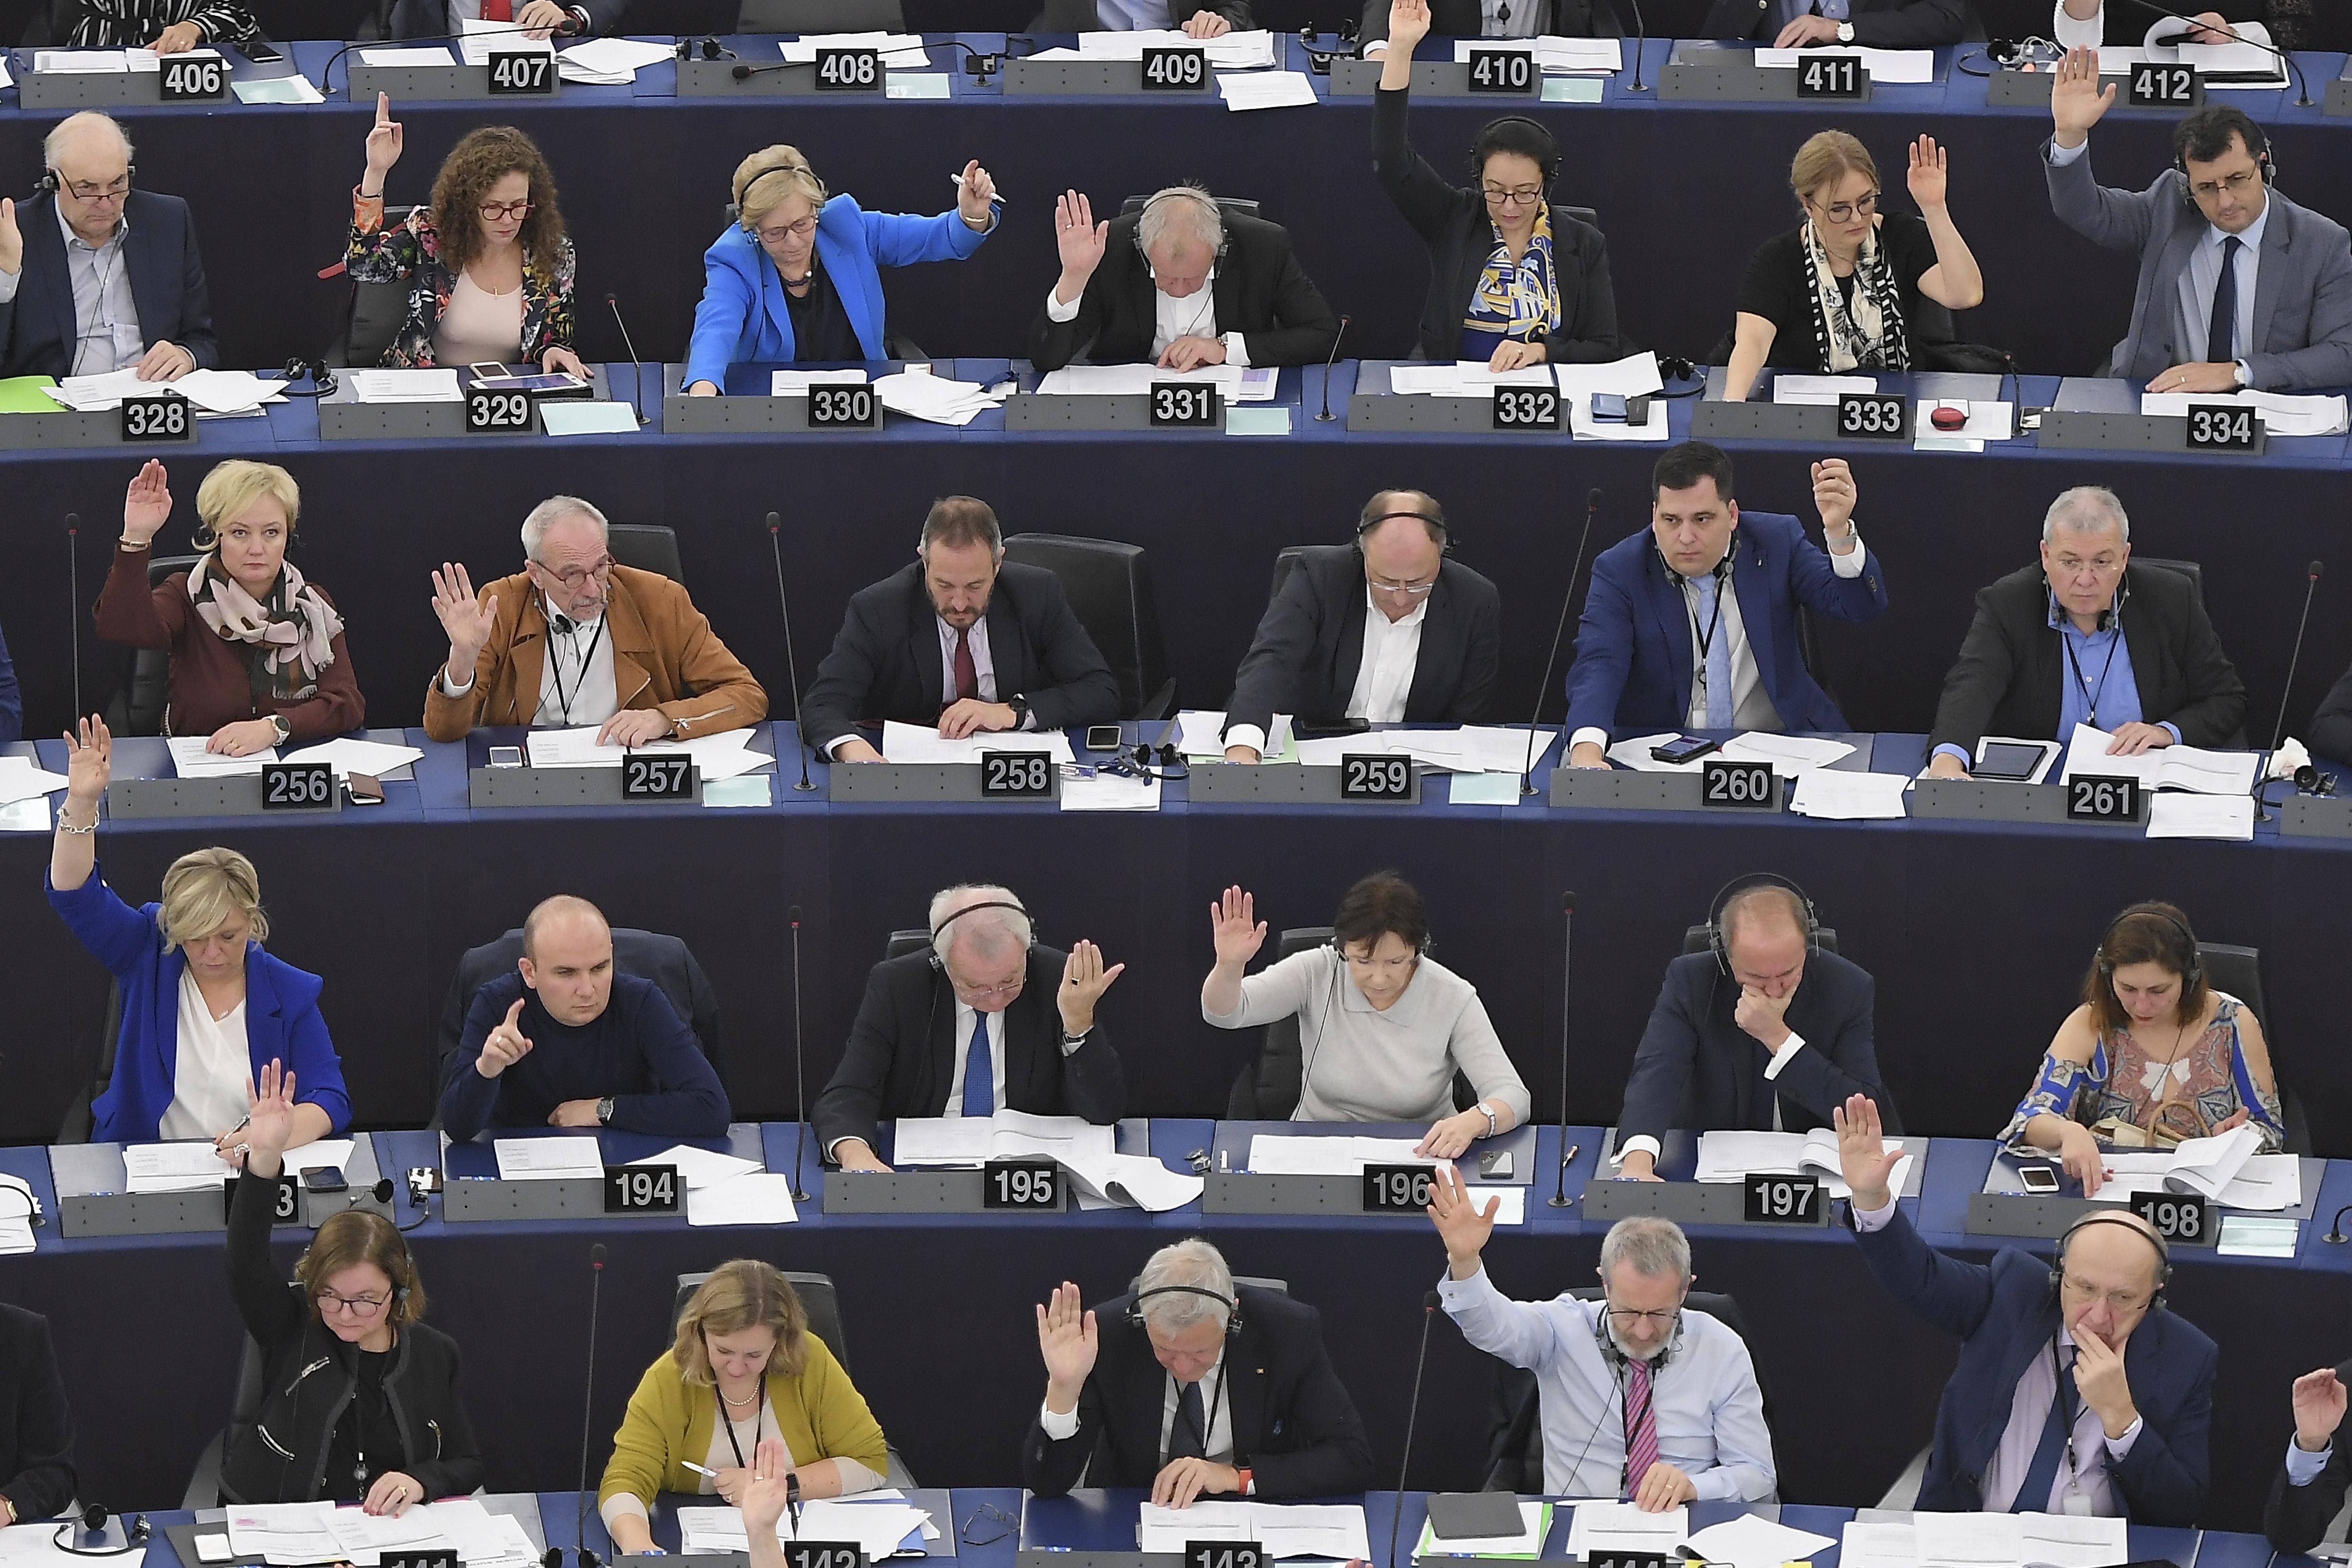 Kiállnak a jogállamisági feltétel mellett, és bírálják az átláthatatlan megállapodást az Európai Parlament frakciói